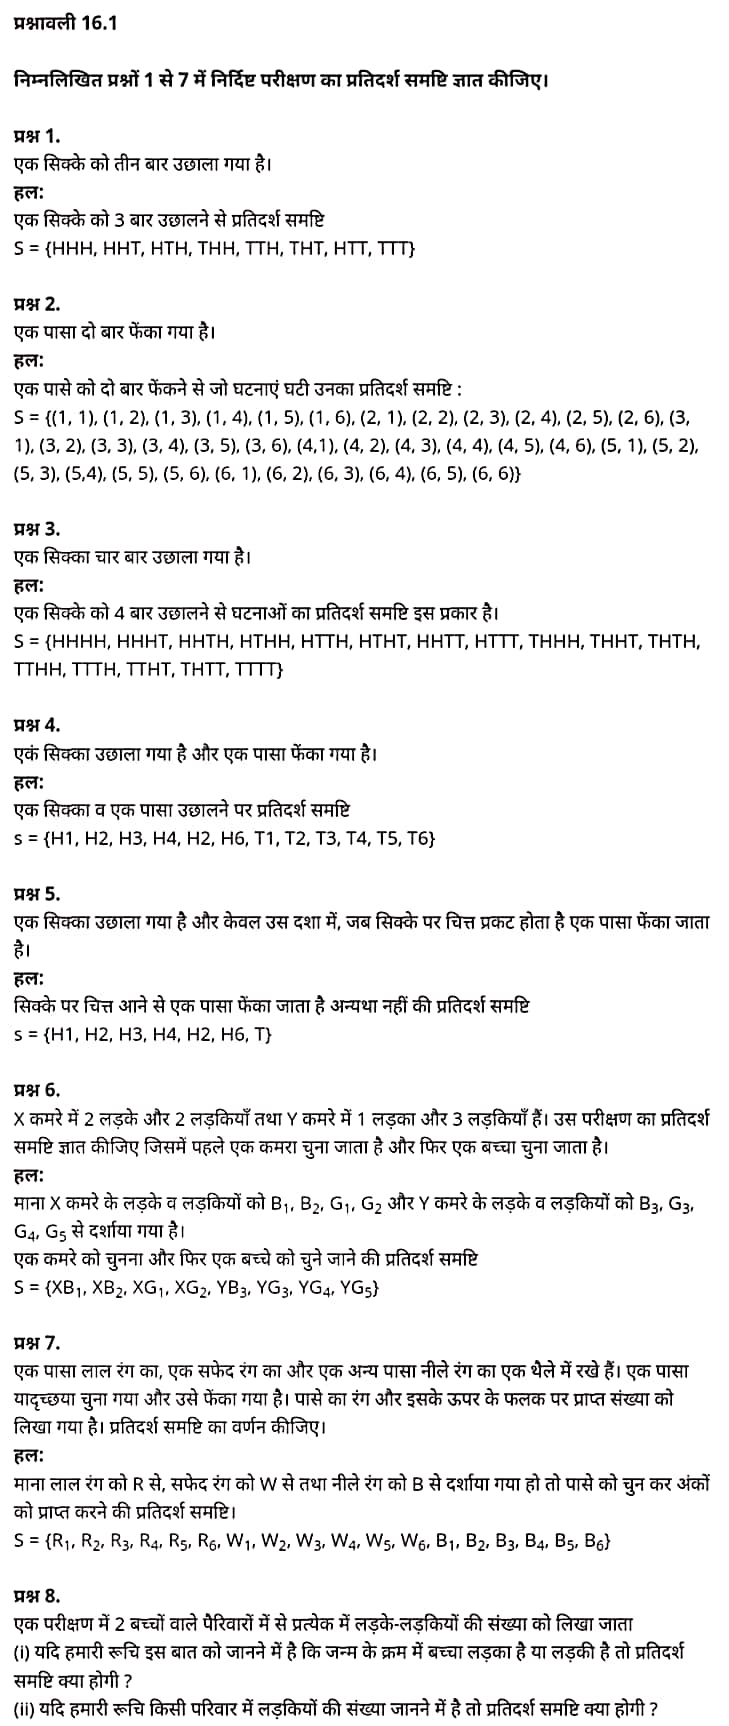 Probability,   what is probability in statistics,  types of probability,  probability questions,  probability math problems,  probability formulas,  probability examples,  probability of an event,  probability in hindi,   प्रायिकता,  प्रायिकता क्या है,  प्रायिकता के प्रश्न,  प्रायिकता की परिभाषा बताइए,  प्रायिकता का सूत्र गणित में,  प्रायिकता कक्षा 10, प्रायिकता कक्षा 9, प्रायिकता सिद्धांत pdf,  प्रायिकता वितरण,   Class 11 matha Chapter 16,  class 11 matha chapter 16, ncert solutions in hindi,  class 11 matha chapter 16, notes in hindi,  class 11 matha chapter 16, question answer,  class 11 matha chapter 16, notes,  11 class matha chapter 16, in hindi,  class 11 matha chapter 16, in hindi,  class 11 matha chapter 16, important questions in hindi,  class 11 matha notes in hindi,   matha class 11 notes pdf,  matha Class 11 Notes 2021 NCERT,  matha Class 11 PDF,  matha book,  matha Quiz Class 11,  11th matha book up board,  up Board 11th matha Notes,  कक्षा 11 मैथ्स अध्याय 16,  कक्षा 11 मैथ्स का अध्याय 16, ncert solution in hindi,  कक्षा 11 मैथ्स के अध्याय 16, के नोट्स हिंदी में,  कक्षा 11 का मैथ्स अध्याय 16, का प्रश्न उत्तर,  कक्षा 11 मैथ्स अध्याय 16, के नोट्स,  11 कक्षा मैथ्स अध्याय 16, हिंदी में,  कक्षा 11 मैथ्स अध्याय 12, हिंदी में,  कक्षा 11 मैथ्स अध्याय 16, महत्वपूर्ण प्रश्न हिंदी में,  कक्षा 11 के मैथ्स के नोट्स हिंदी में,  मैथ्स कक्षा 11 नोट्स pdf,  मैथ्स कक्षा 11 नोट्स 2021 NCERT,  मैथ्स कक्षा 11 PDF,  मैथ्स पुस्तक,  मैथ्स की बुक,  मैथ्स प्रश्नोत्तरी Class 11, 11 वीं मैथ्स पुस्तक up board,  बिहार बोर्ड 11 वीं मैथ्स नोट्स,   कक्षा 11 गणित अध्याय 16,  कक्षा 11 गणित का अध्याय 16, ncert solution in hindi,  कक्षा 11 गणित के अध्याय 16, के नोट्स हिंदी में,  कक्षा 11 का गणित अध्याय 16, का प्रश्न उत्तर,  कक्षा 11 गणित अध्याय 16, के नोट्स,  11 कक्षा गणित अध्याय 16, हिंदी में,  कक्षा 11 गणित अध्याय 16, हिंदी में,  कक्षा 11 गणित अध्याय 16, महत्वपूर्ण प्रश्न हिंदी में,  कक्षा 11 के गणित के नोट्स हिंदी में, गणित कक्षा 11 नोट्स pdf,   गणित कक्षा 11 नोट्स 2021 NCERT,  गणित कक